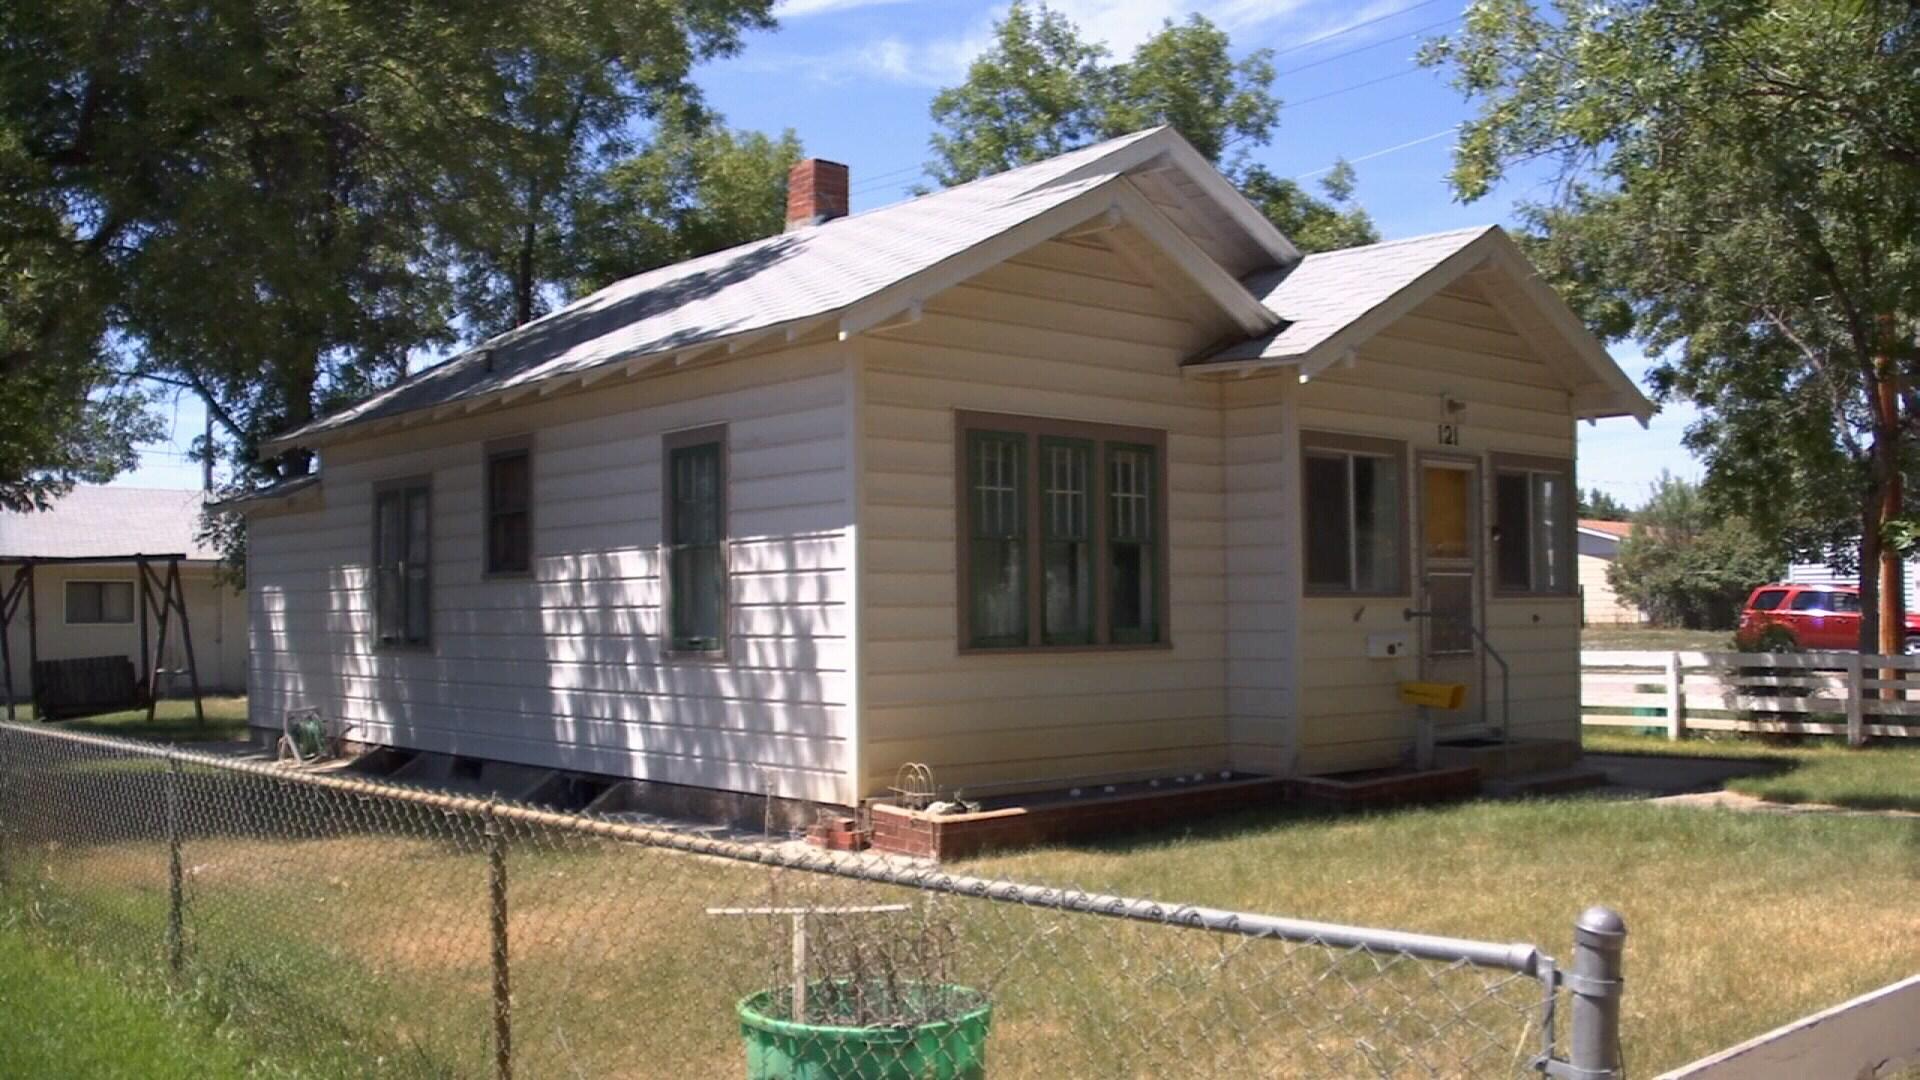 Investigators found explosives in Gathercole's home (MTN News)